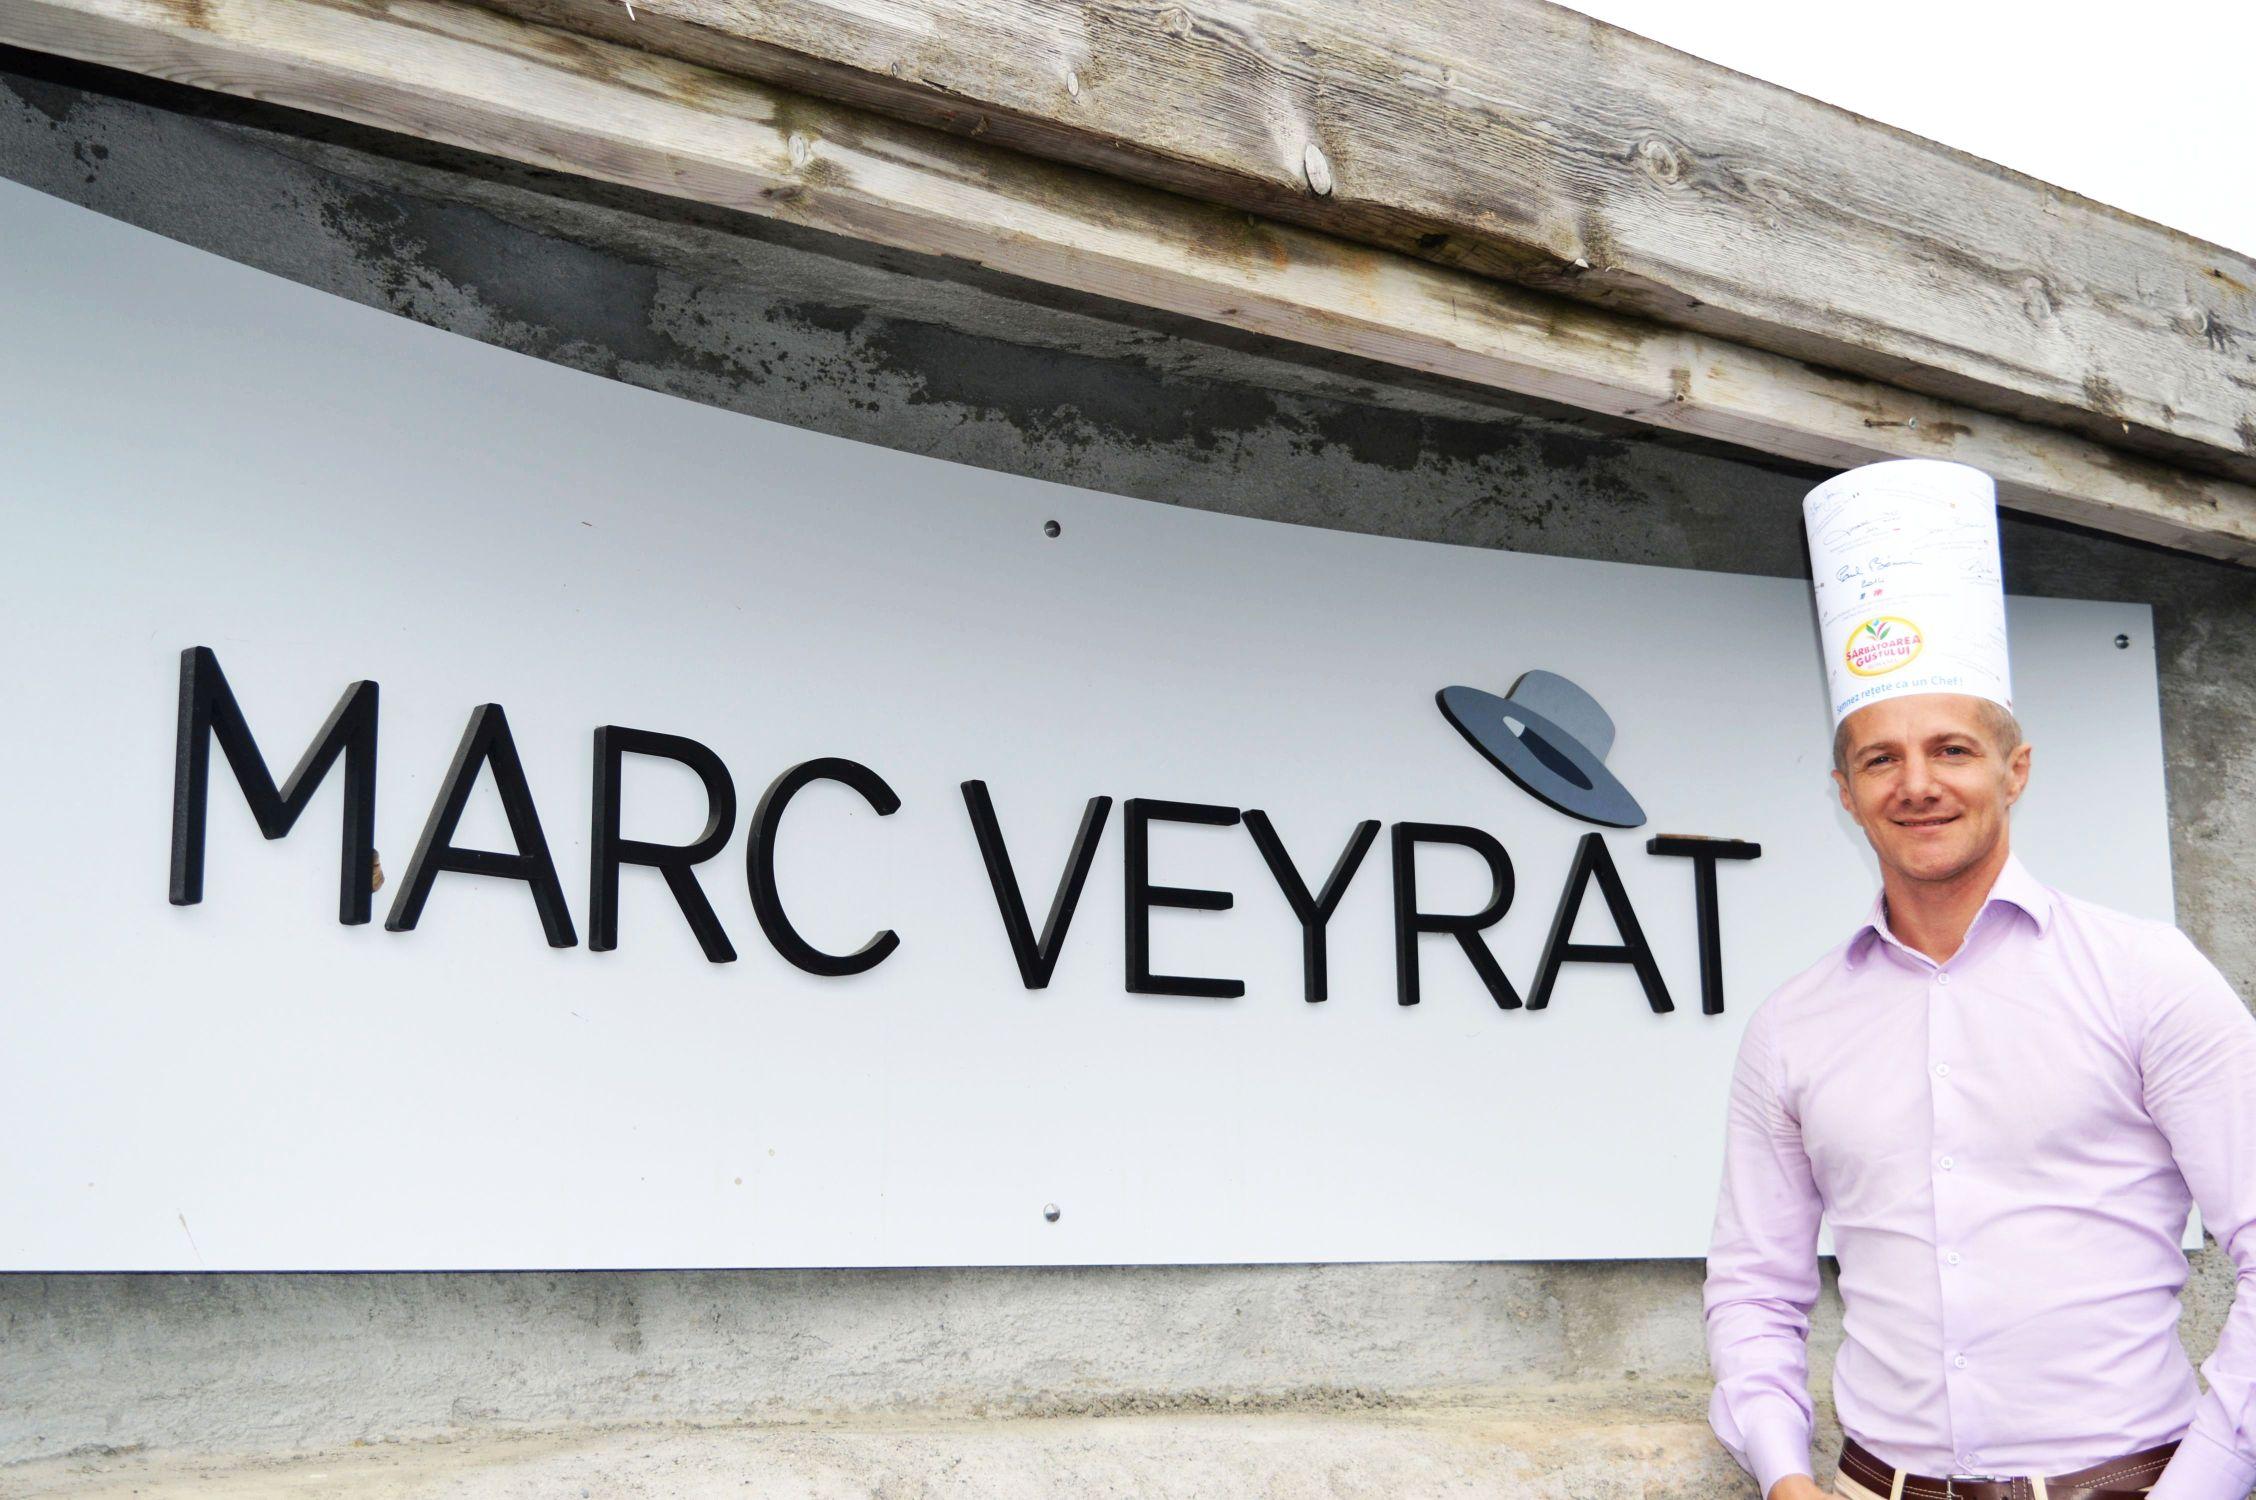 Sarbatoarea-Gustului-Gusturi-si-Destinatii-Franta-Savoie-Manigou-Marc-Veyrat-01111111111122345